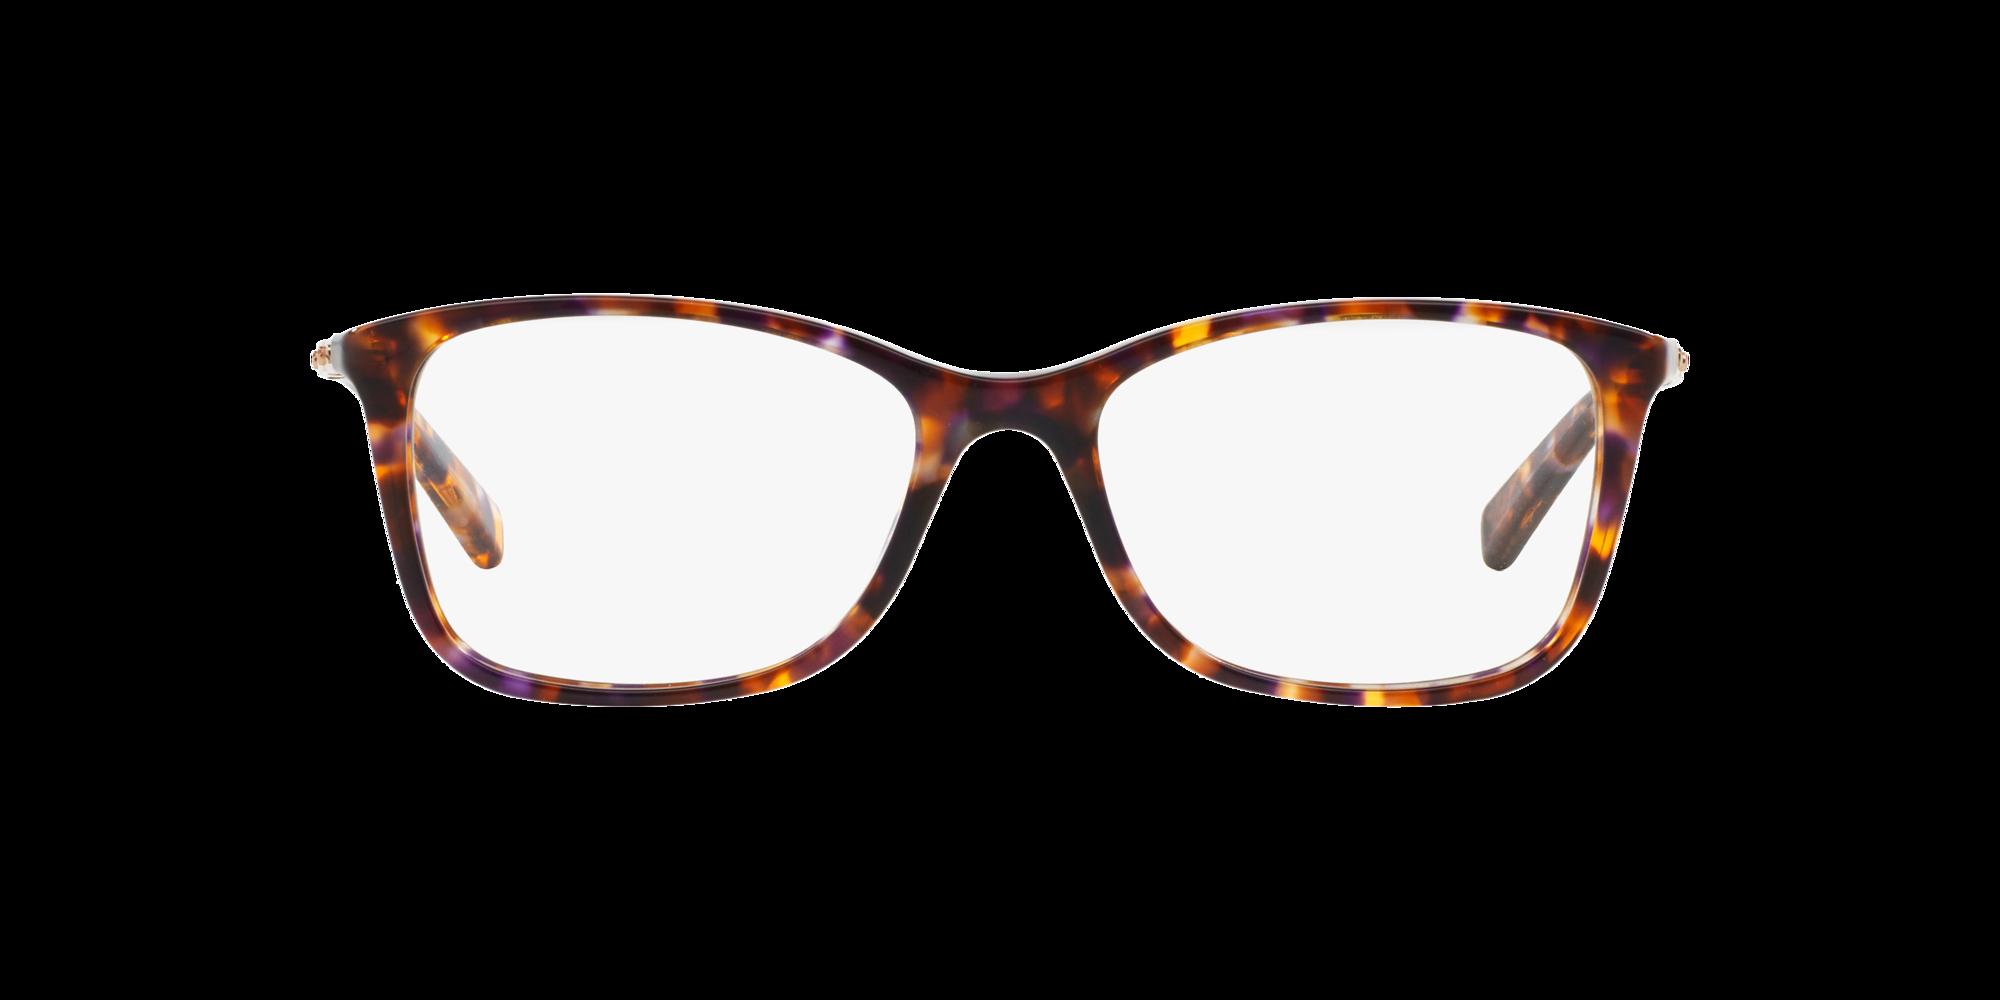 Imagen para MK4016 ANTIBES de LensCrafters |  Espejuelos, espejuelos graduados en línea, gafas